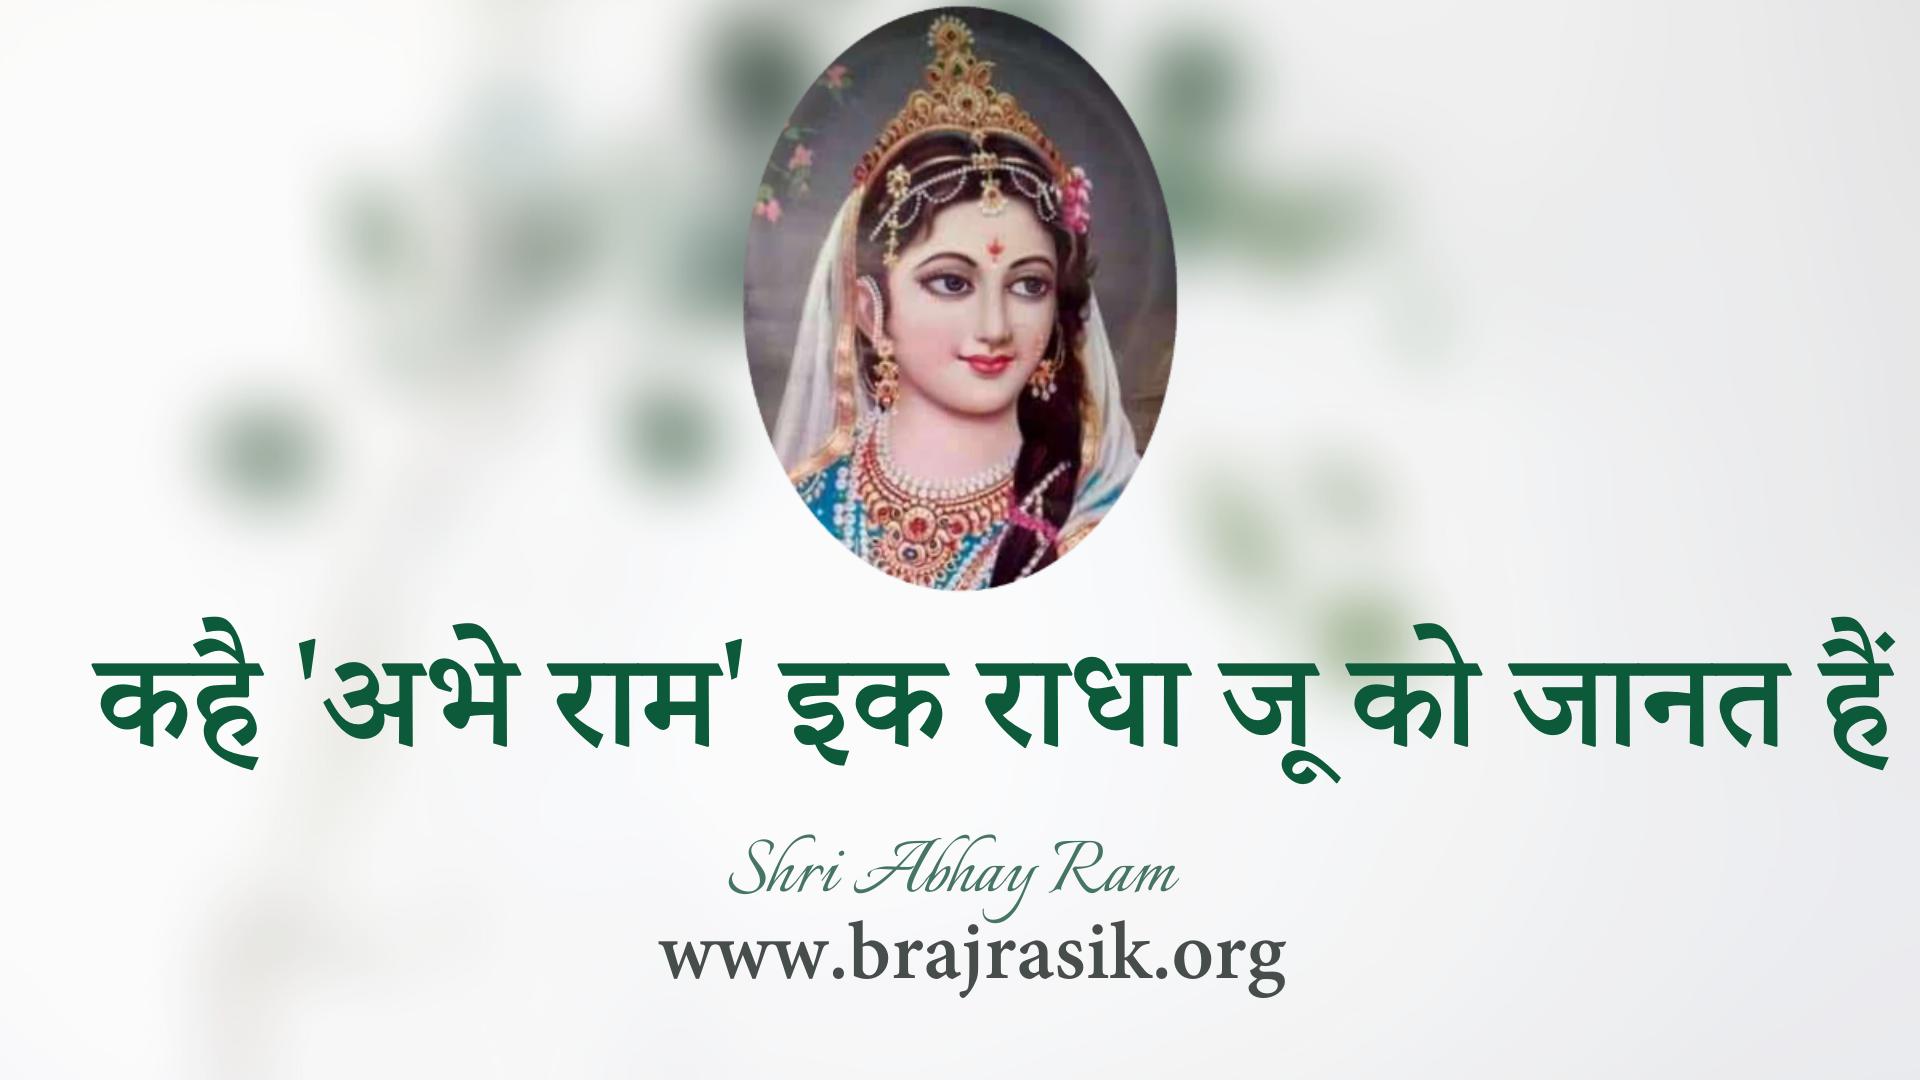 Kahe Abhay Ram Ek Radha Ju Ko Jaanat Hai